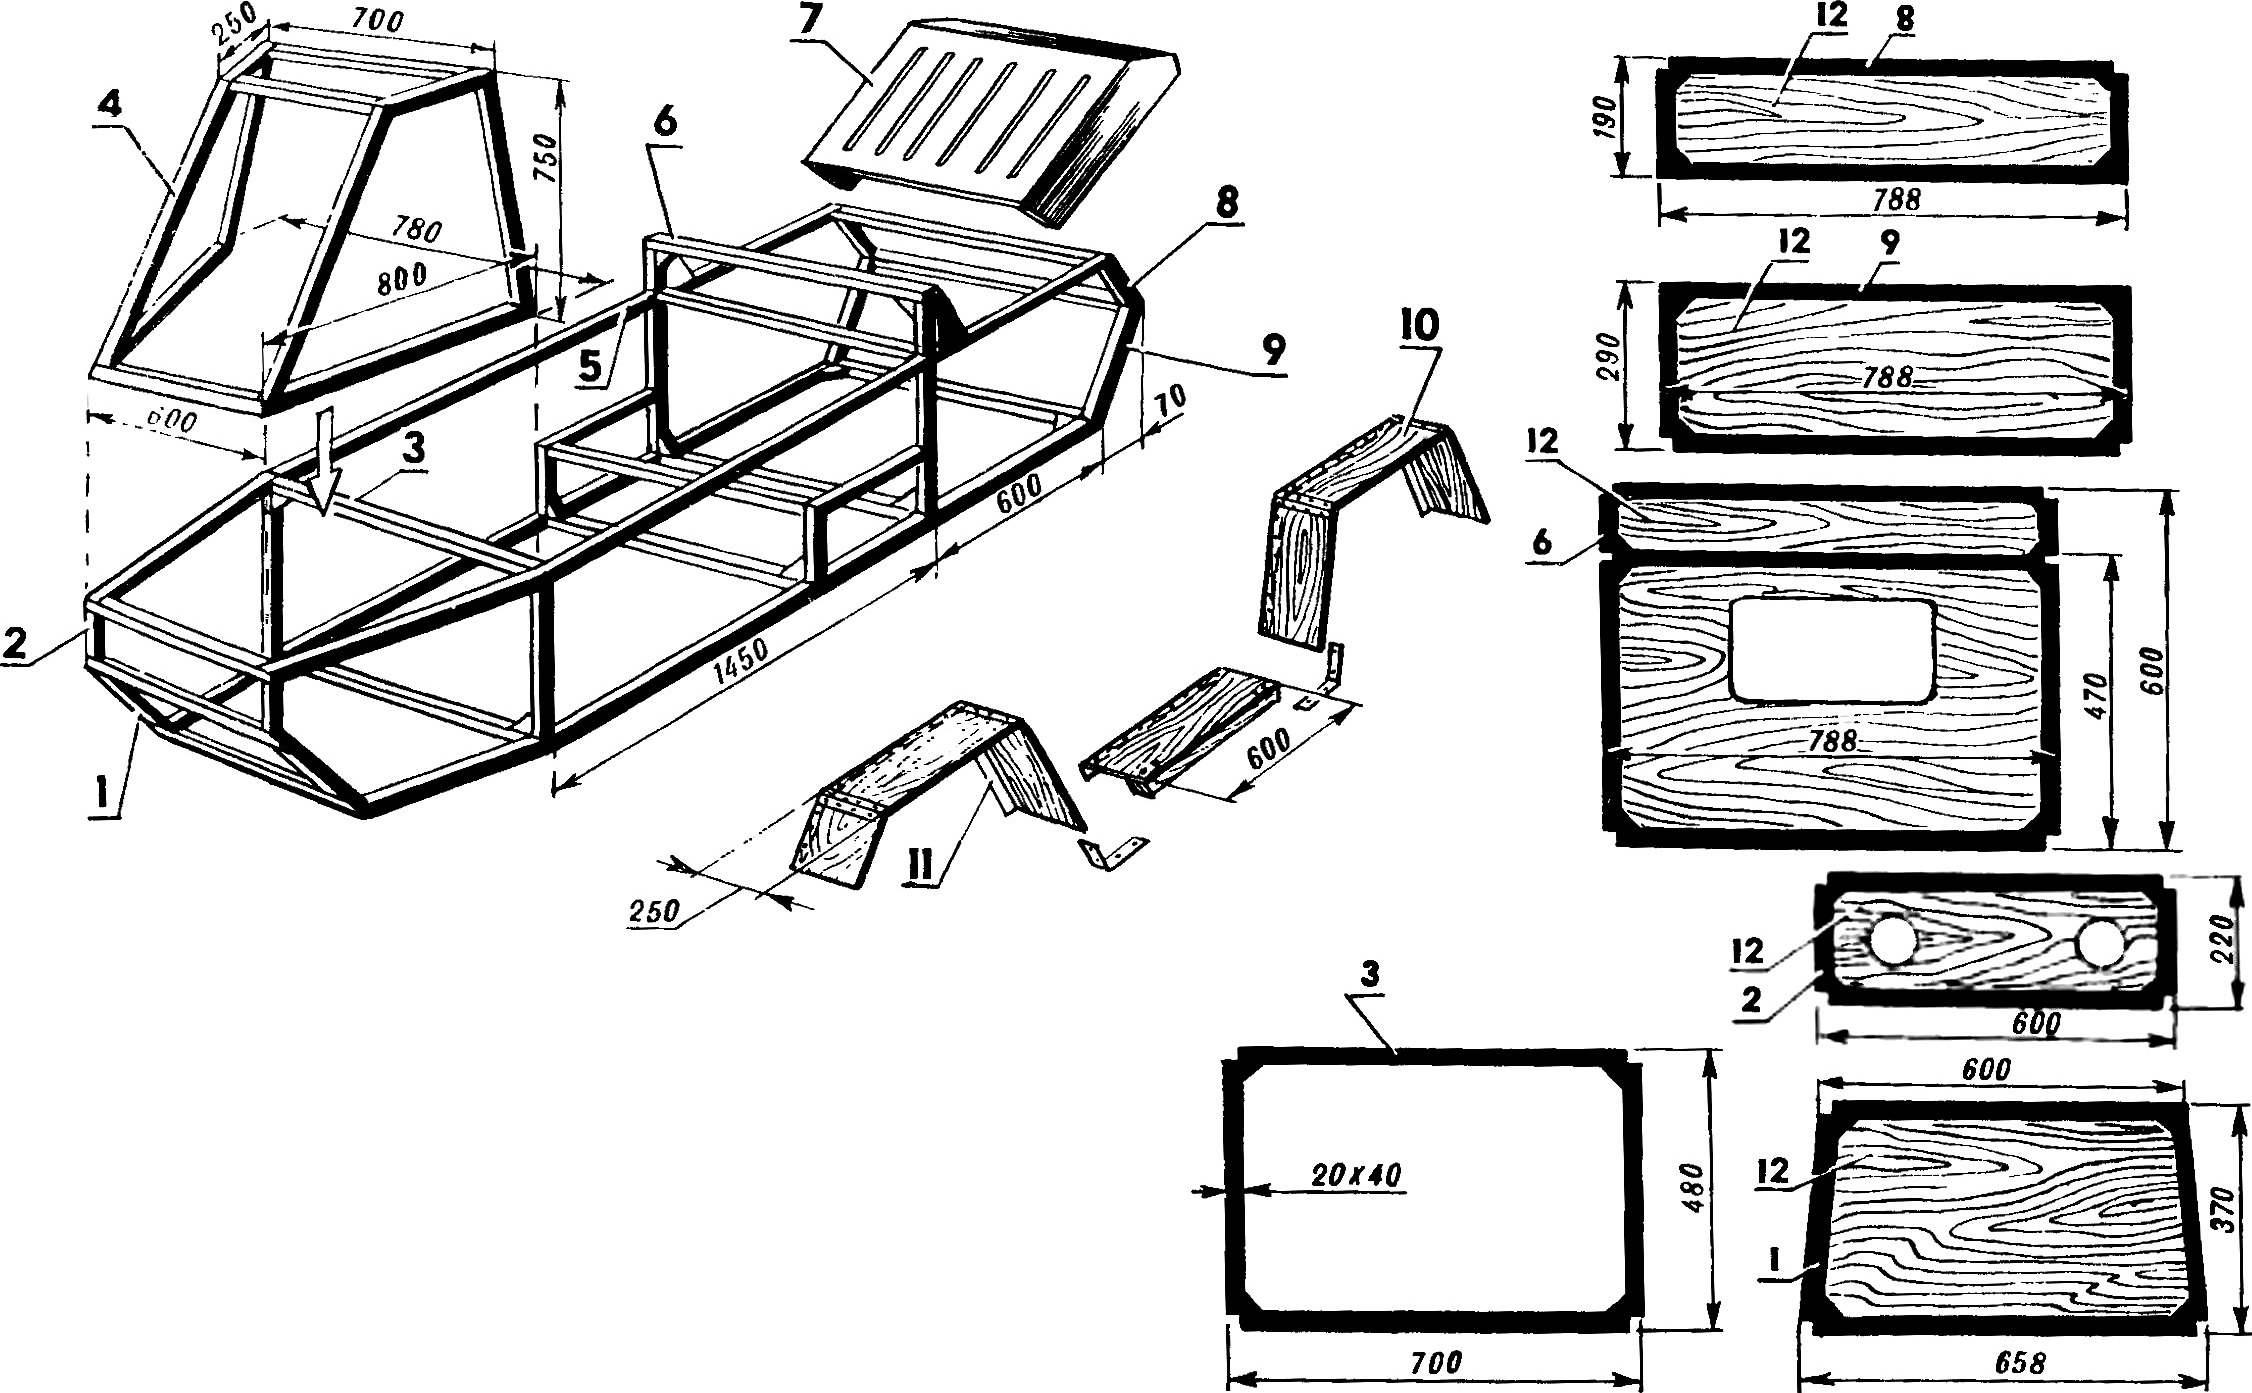 Рис. 2. Детали и узлы корпуса вездехода.